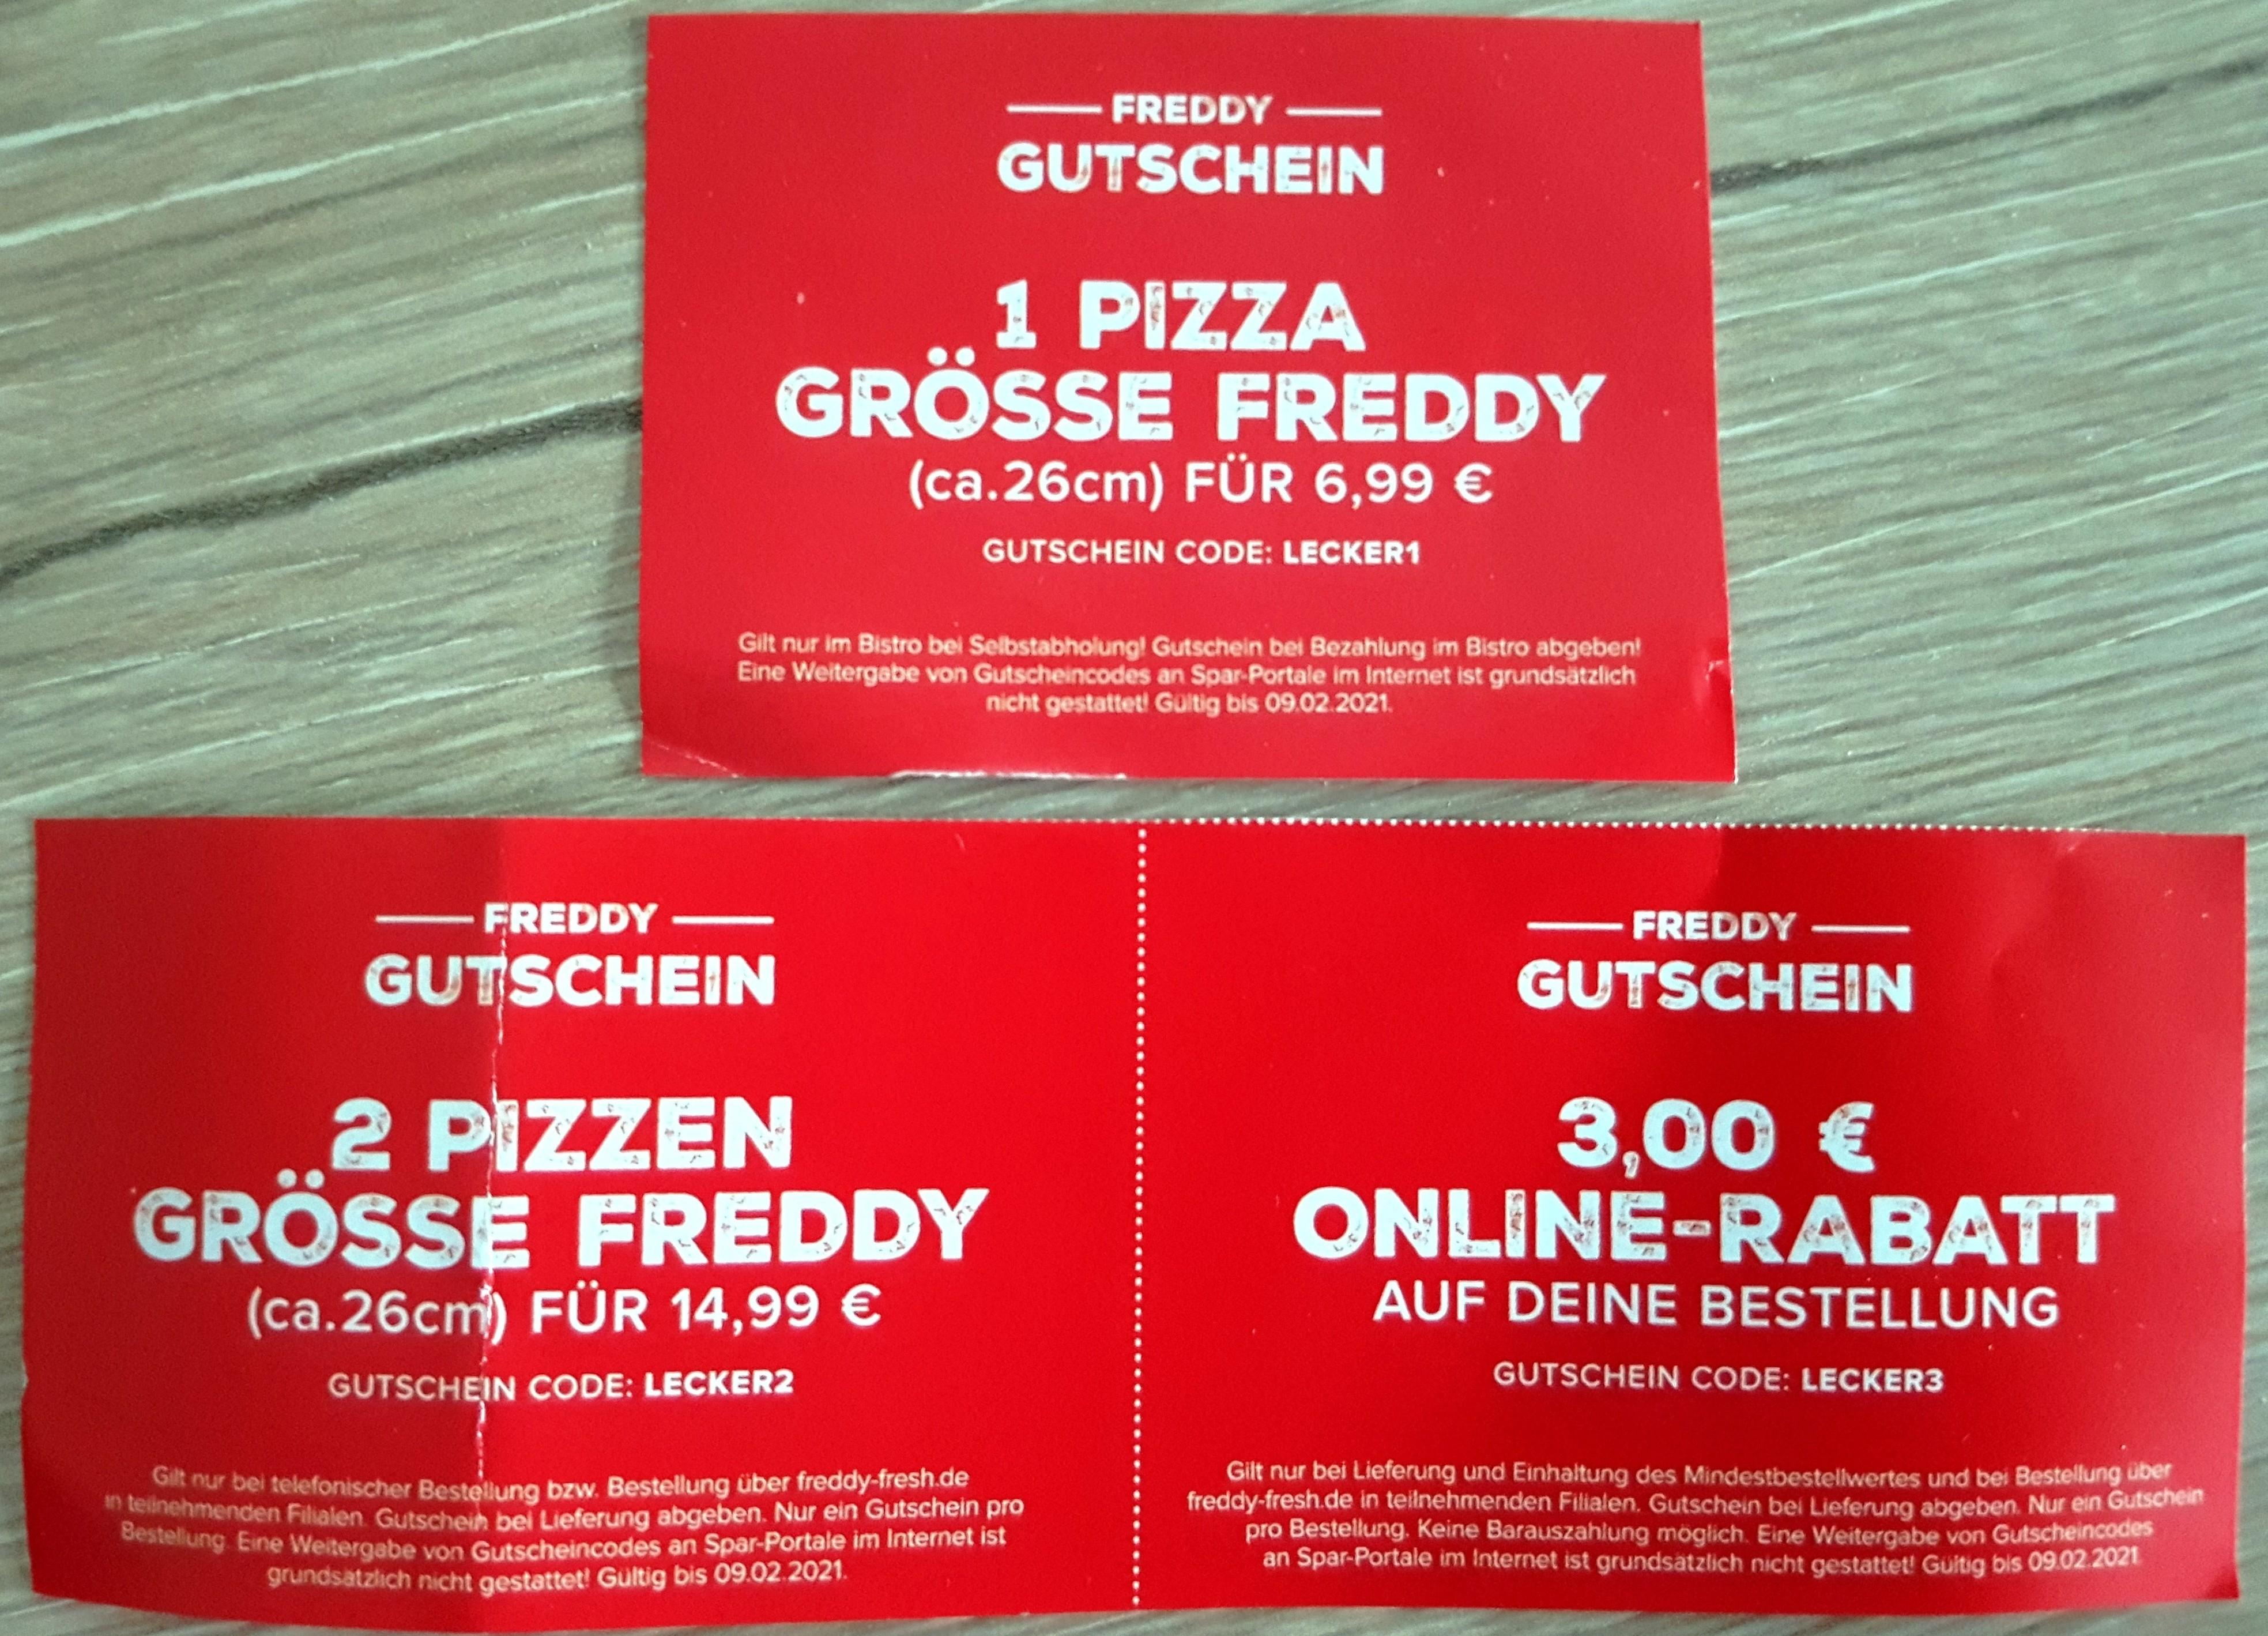 FREDDY FRESH Gutscheine (nicht in allen Shops)